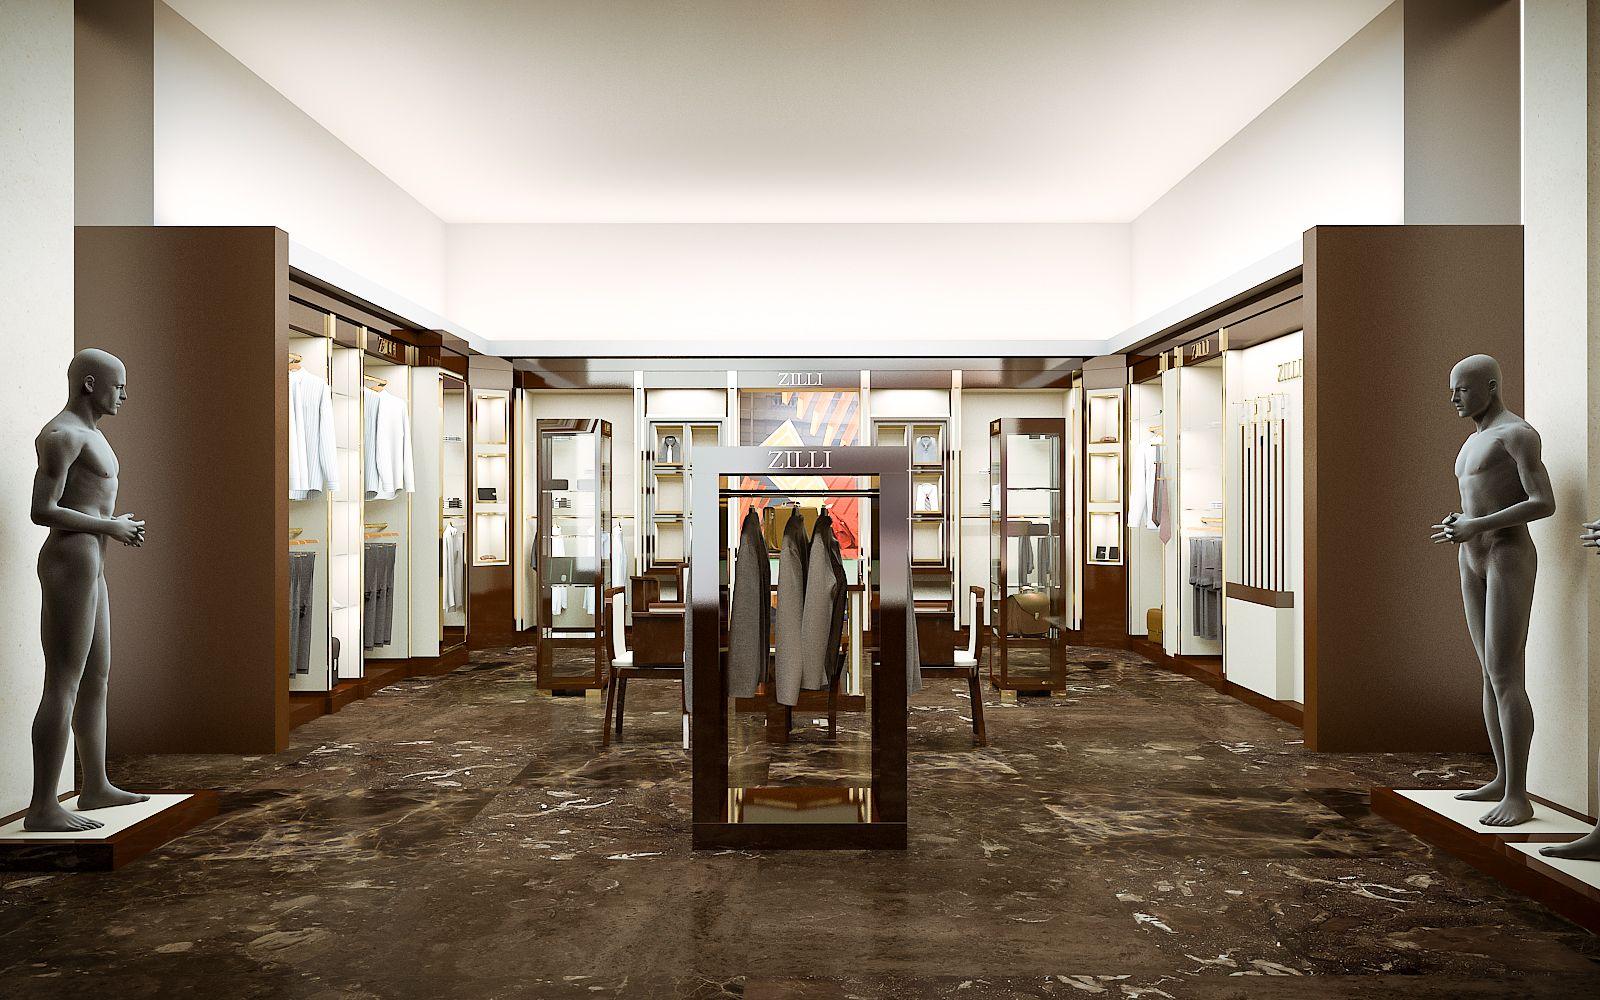 Zilli Store - Harrods 705